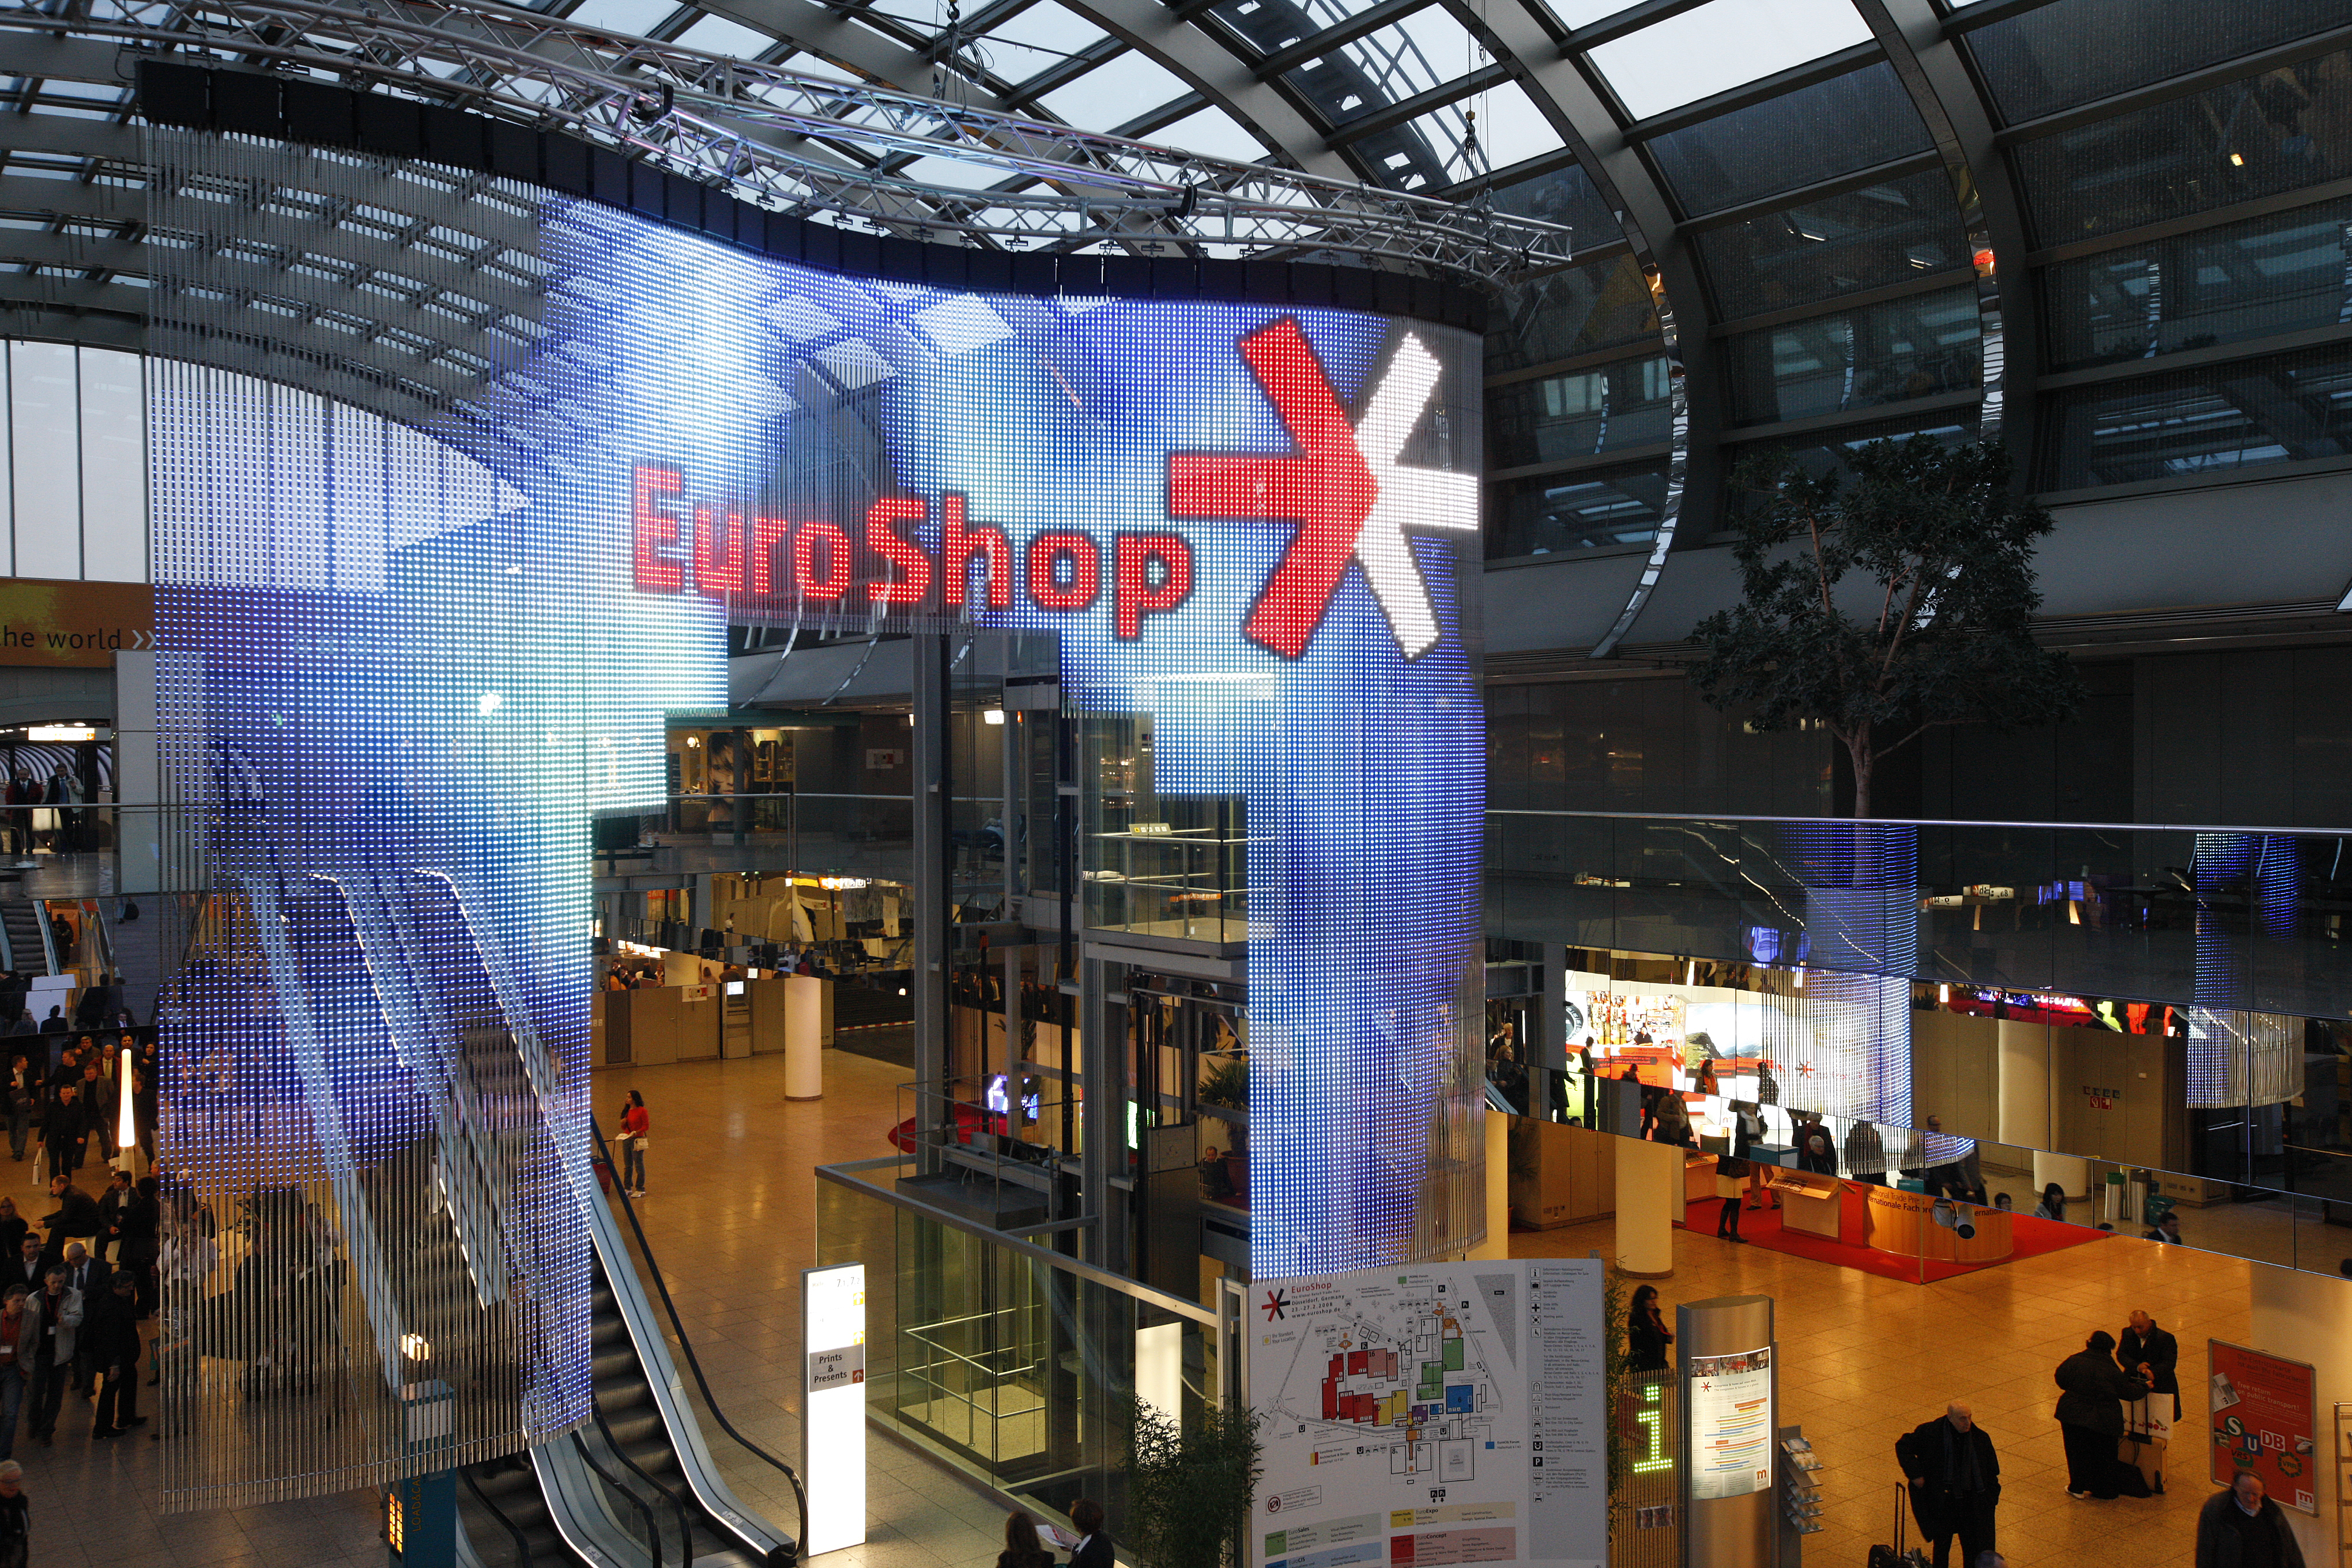 Euroshop u2013 wikipedia